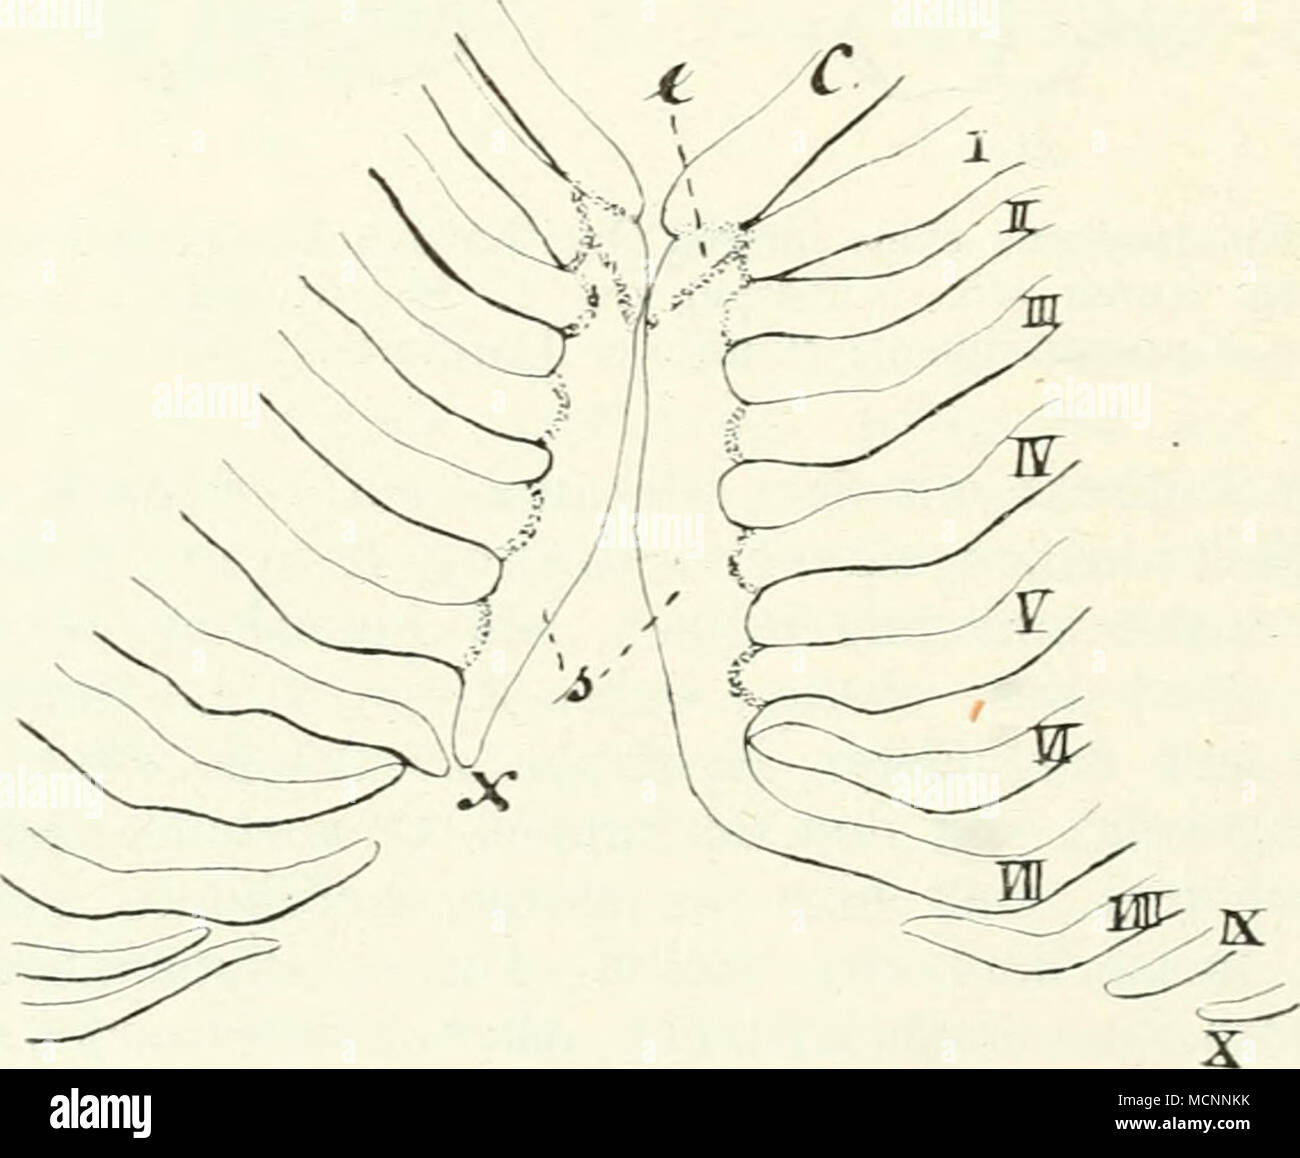 Berühmt Menschliche Anatomie Brustbeins Galerie - Menschliche ...